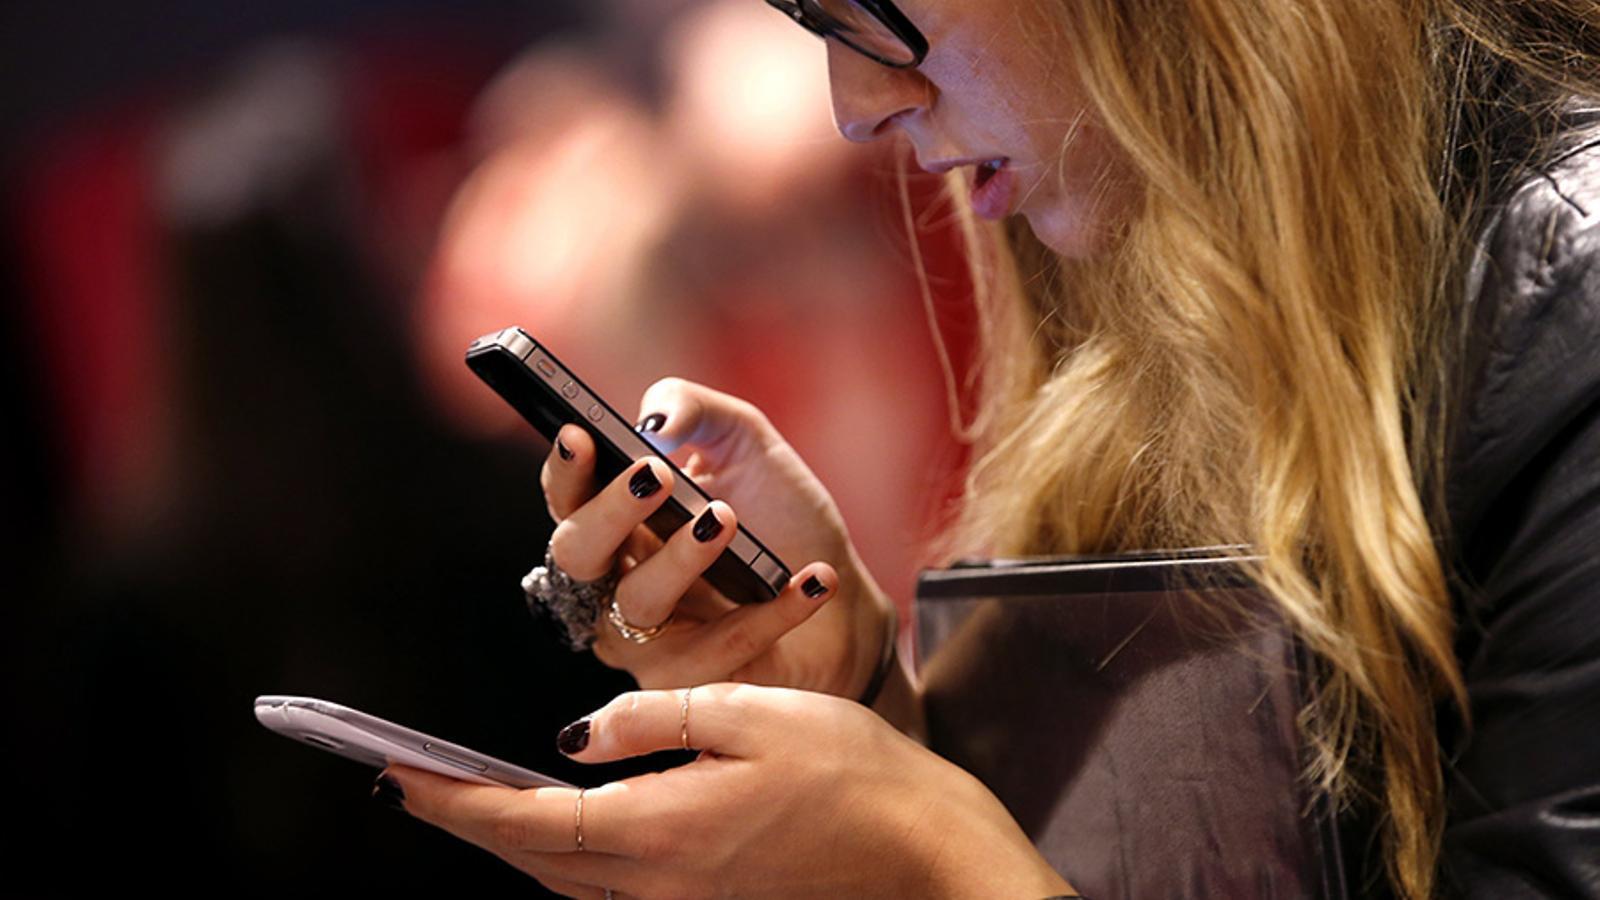 L'ús de dispositius mòbils es dispara